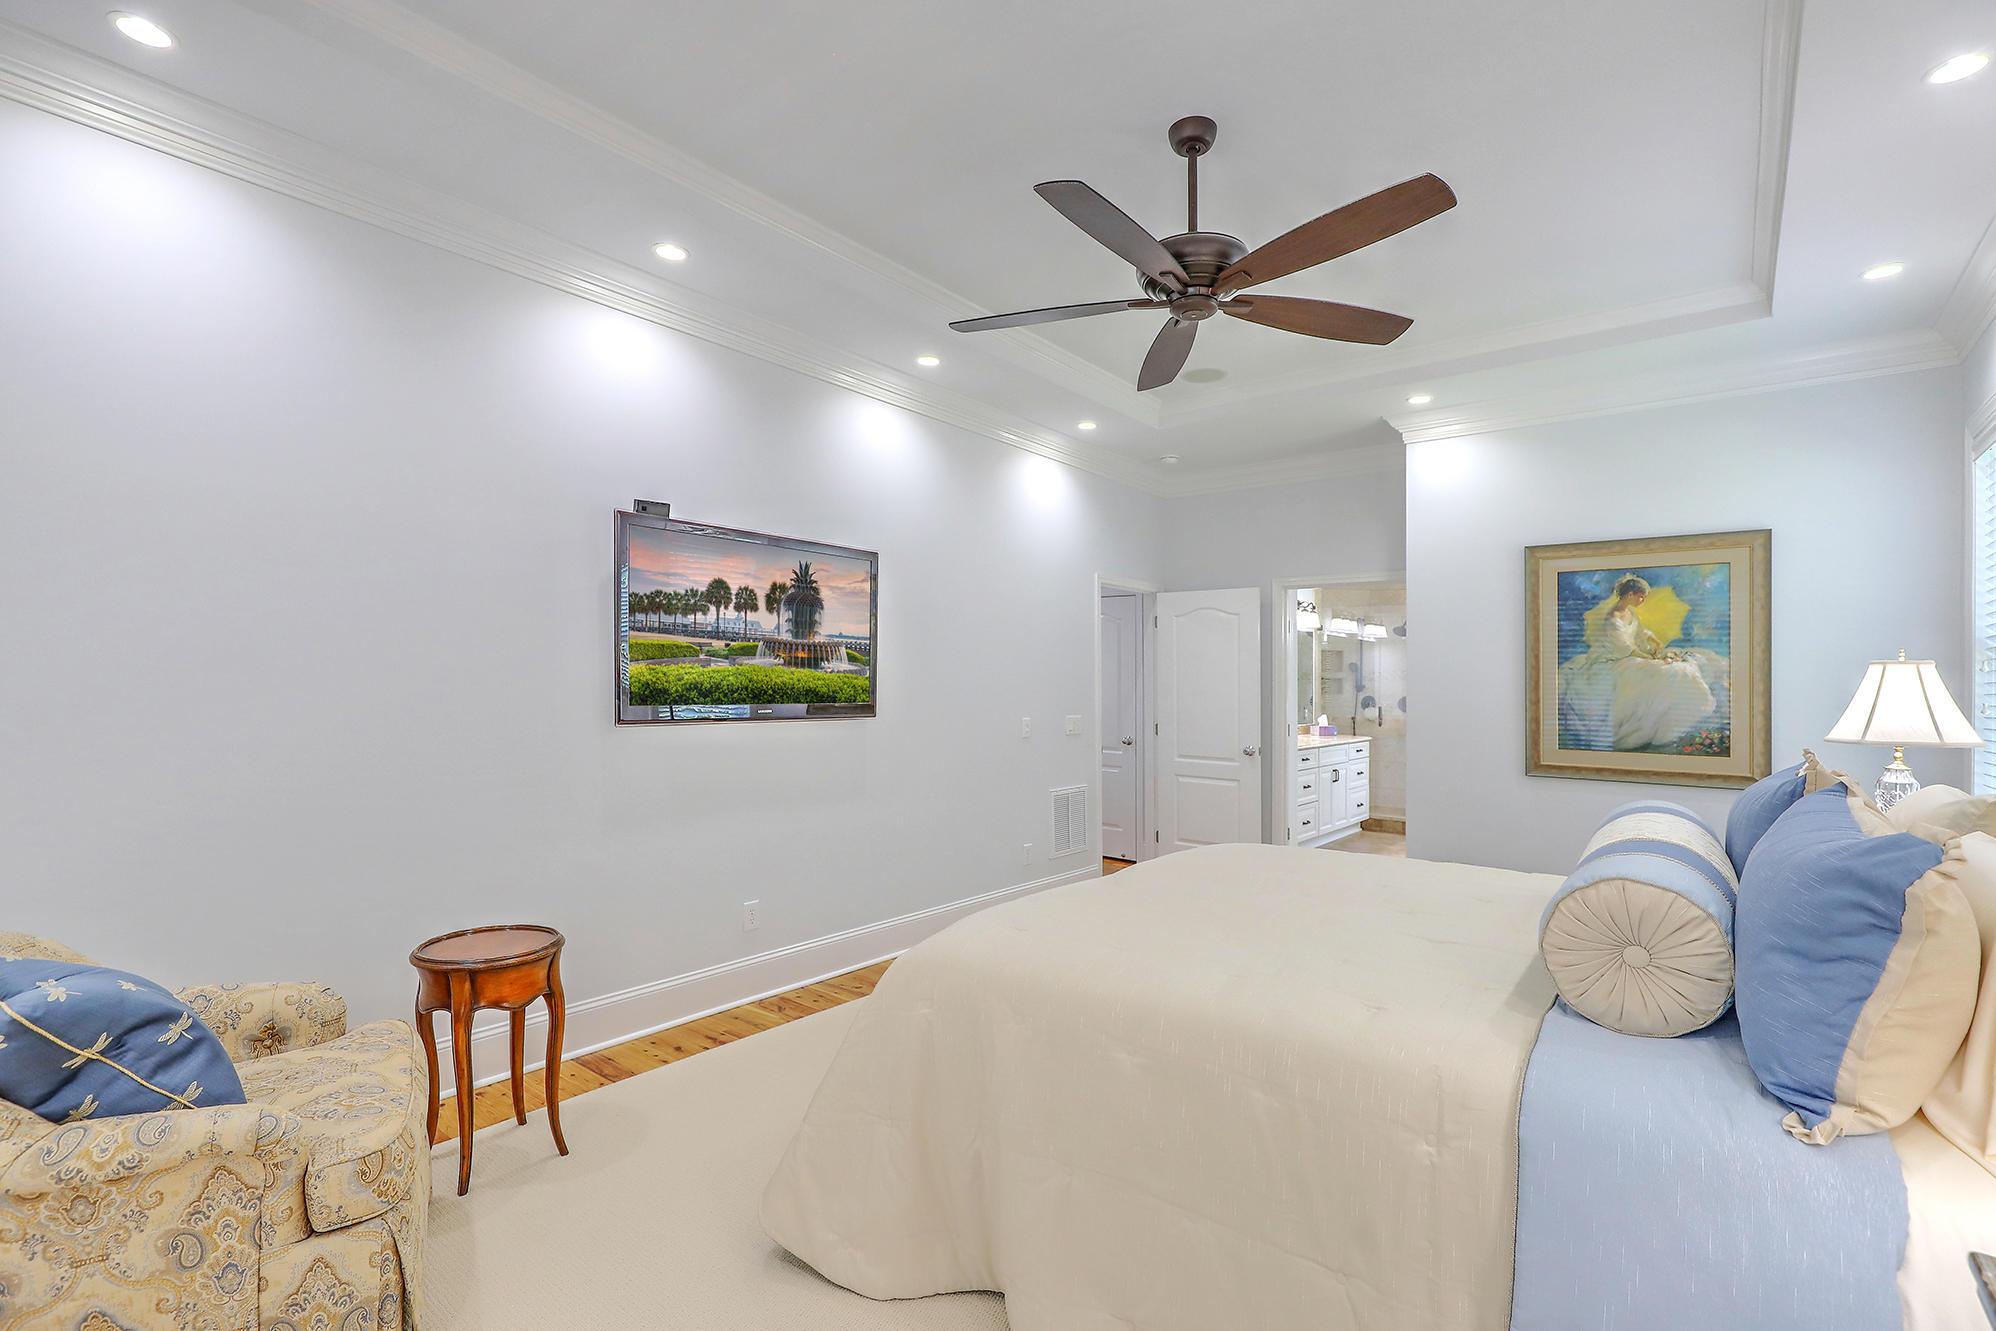 Park West Homes For Sale - 2108 Malcolm, Mount Pleasant, SC - 19